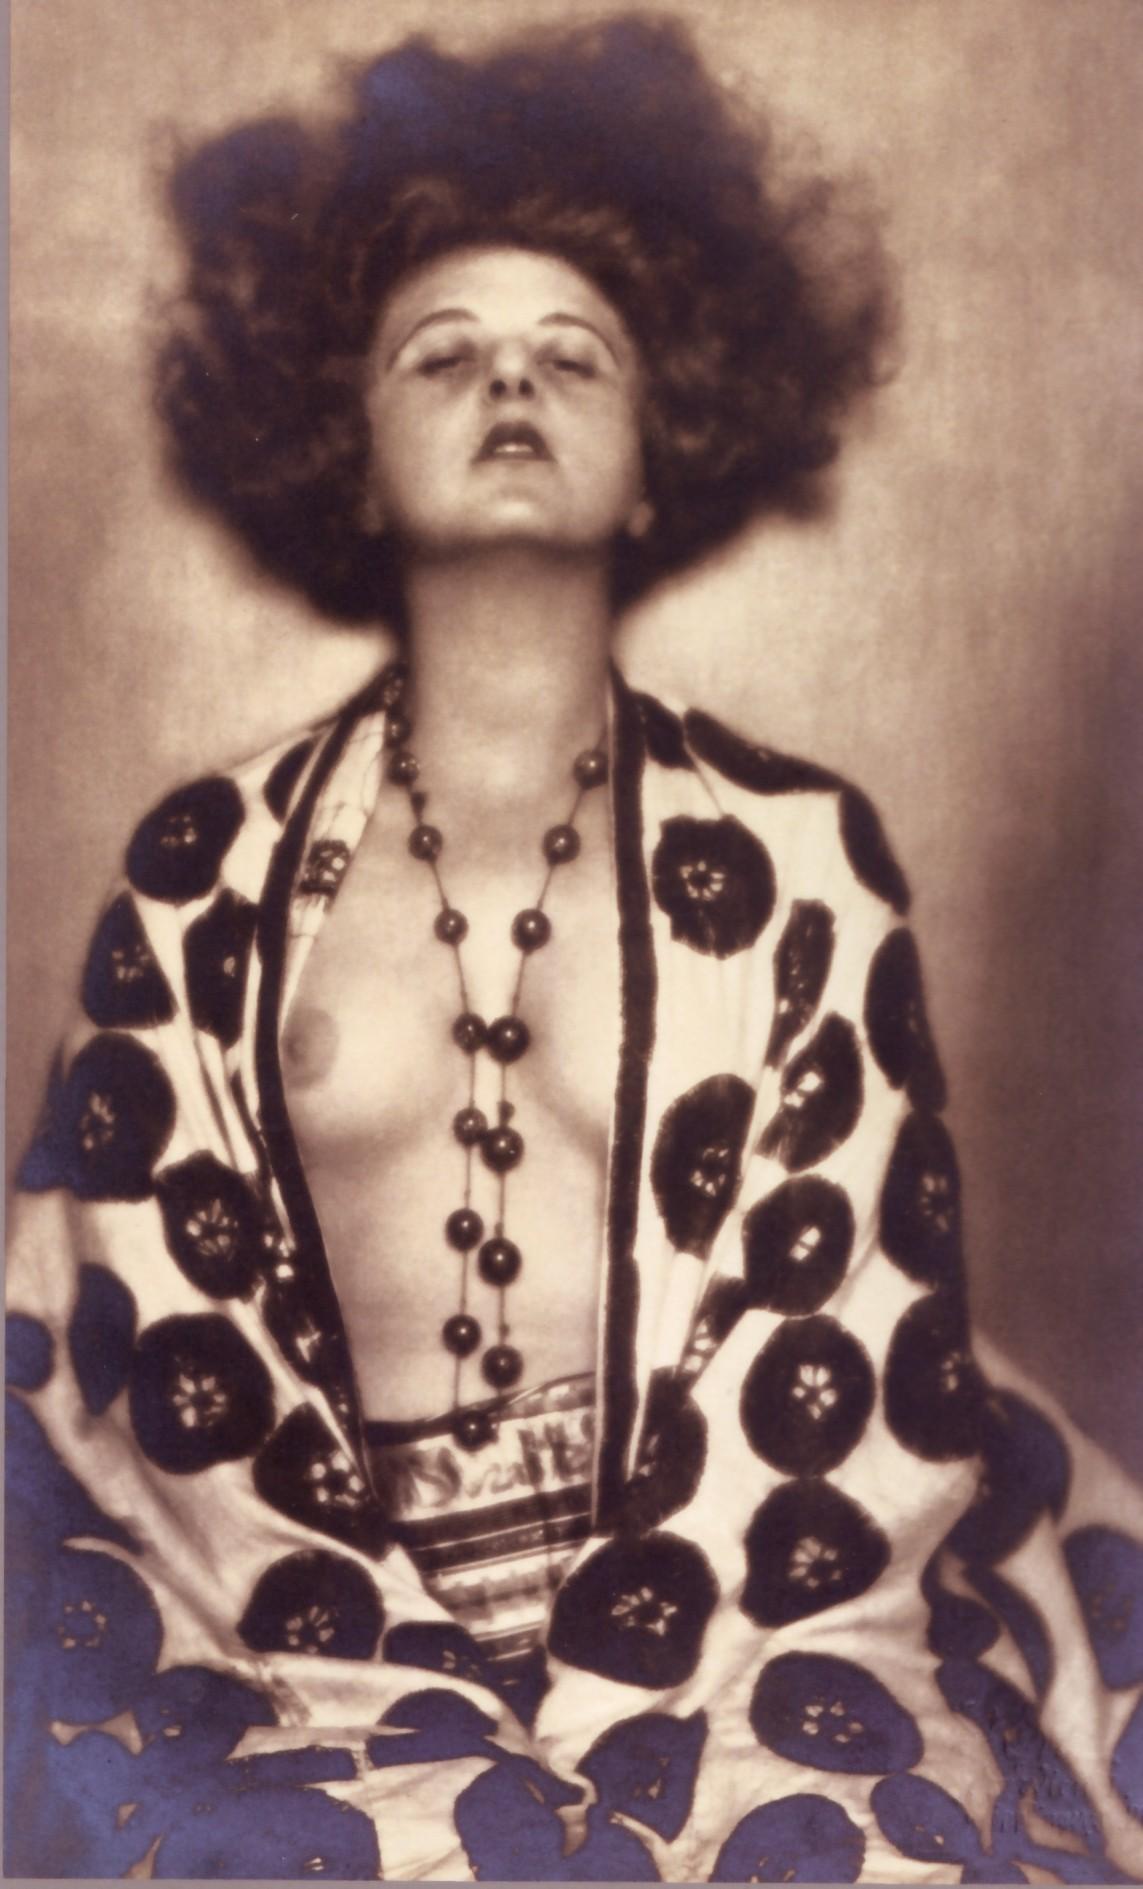 Elsie Altmann photographed by D'Ora 1922.